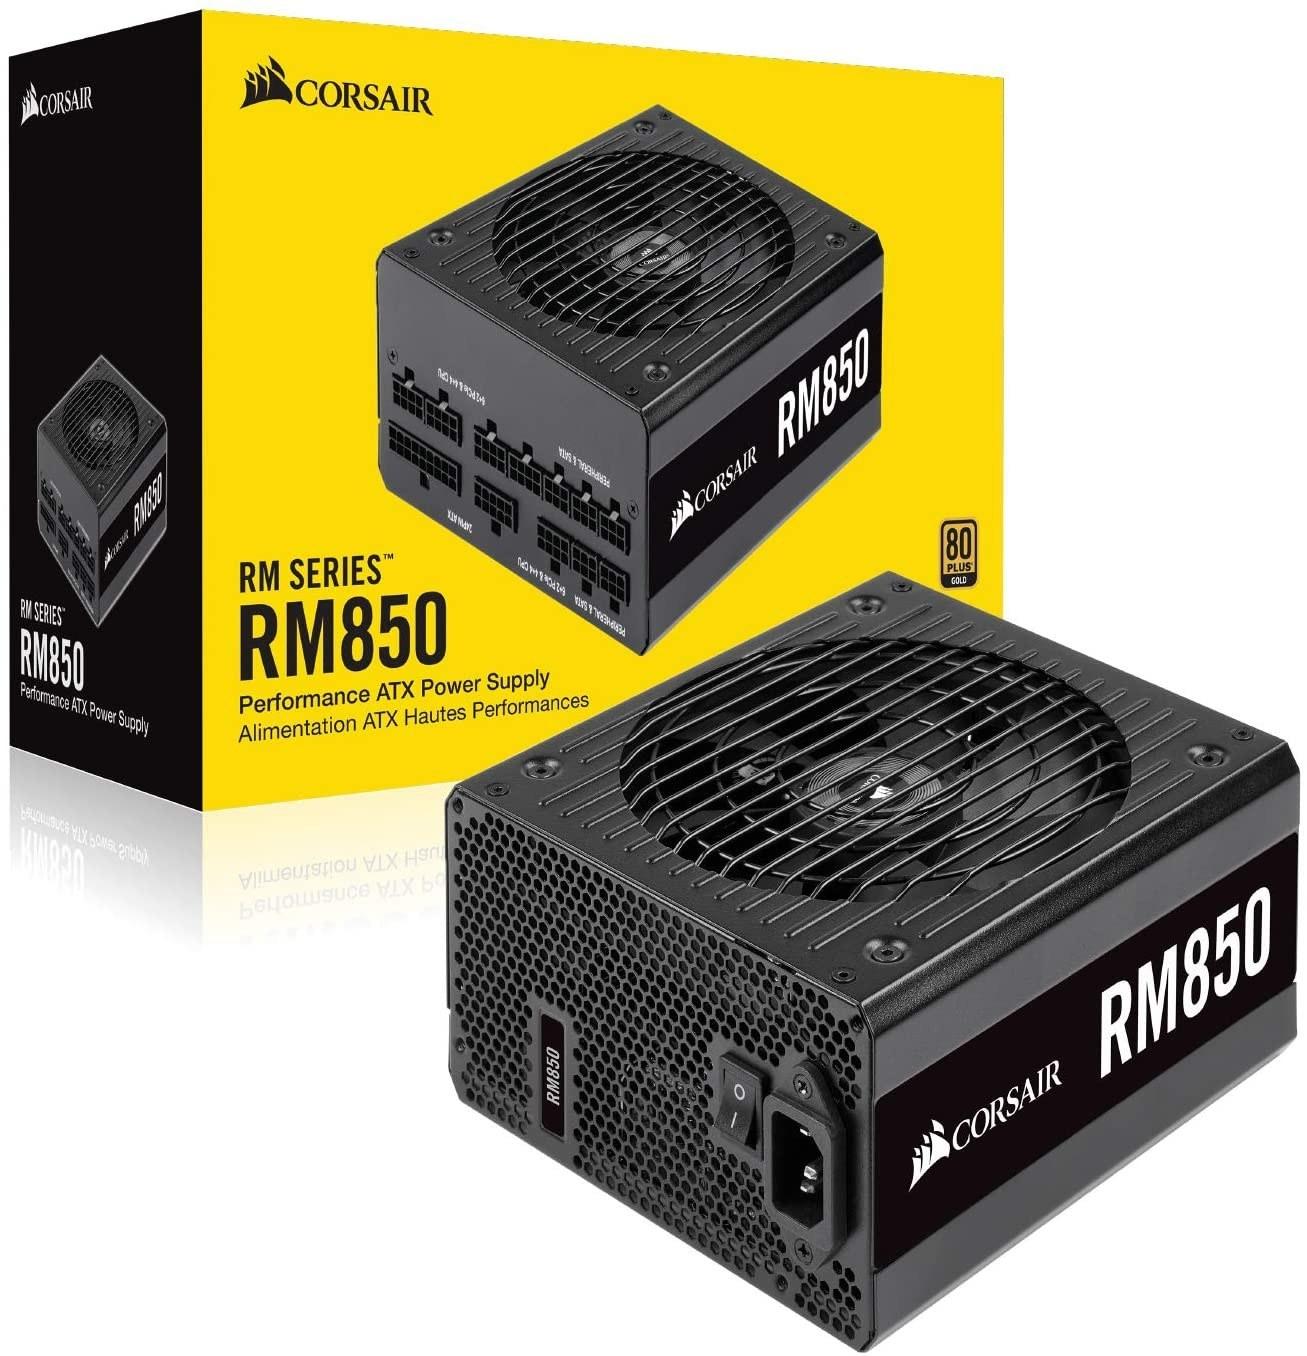 تصویر منبع تغذیه کامپیوتر کورسیر مدل RM850 80 PLUS Gold Fully Modular RM Series RM850 — 850 Watt 80 PLUS® Gold Certified Fully Modular PSU